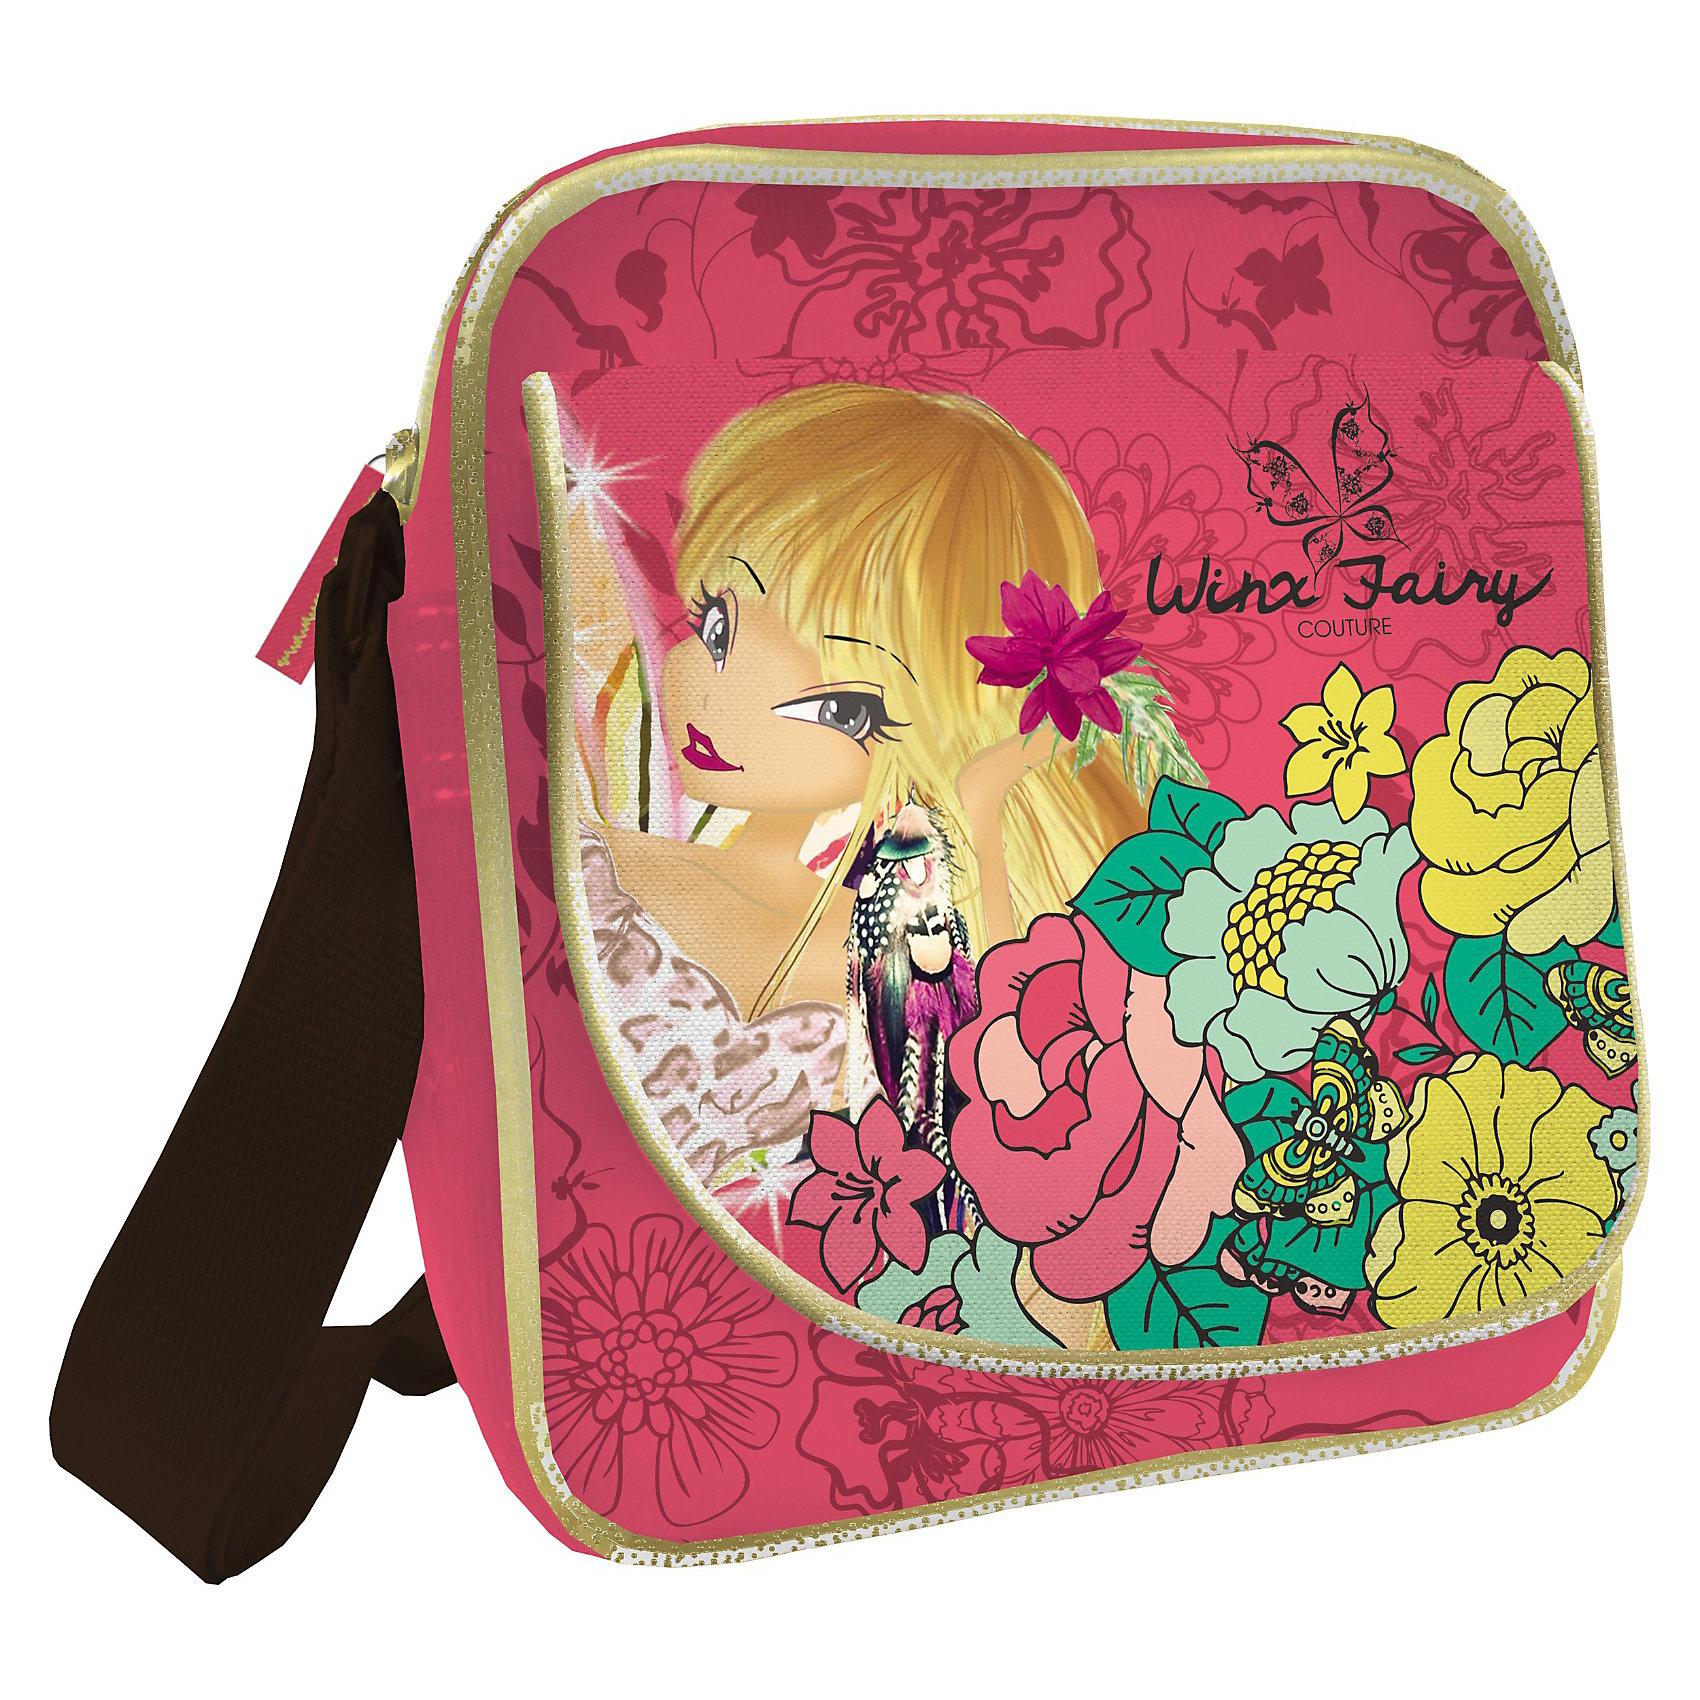 Сумка на плечо, Winx ClubШкольные сумки<br>Сумка на плечо Winx Club (Винкс) - это тот аксессуар современной школьницы, который поможет девочке подчеркнуть свою индивидуальность и выделиться среди сверстниц. Сумка непременно понравится юным модницам! Маленькую и компактную сумочку удобно использовать во время путешествий и прогулок. Яркая сумка с уникальной расцветкой из прочного текстиля отлично держит форму, украшена декоративной отстрочкой и  застегивается на надежную молнию. В сумочке удобное основное отделение и красивый наружный карман. Карман застегивается на клапан с изображением фей Winx Club (Винкс). Сумка из текстиля почти невесомая, но вместительная, благодаря удобному наплечному ремню с регулировкой длины подойдет для девочек любого роста.<br><br>Дополнительная информация:<br><br>- Дизайн сумки выдержан в стиле мультфильма о красавицах  Winx (Винкс);<br>- Внутри есть большое отделение для вещей;<br>- Спереди имеется дополнительный карман;<br>- Для комфортного использования у сумки есть длинная регулируемая ручка;<br>- Яркий дизайн идеален для девочек;<br>- Легкая и компактная;<br>- Регулируемый по длине плечевой ремень позволяет носить сумку как на плече, так и через плечо;<br>- Сумка надежно закрывается на молнию;<br>- Размер: 23 х 19,5 х 5 см;<br>- Материал: полиэстер;<br>- Вес: 320 г.<br><br>Сумку на плечо, Winx Club (Винкс) можно купить в нашем интернет-магазине.<br><br>Ширина мм: 350<br>Глубина мм: 350<br>Высота мм: 200<br>Вес г: 500<br>Возраст от месяцев: 96<br>Возраст до месяцев: 108<br>Пол: Женский<br>Возраст: Детский<br>SKU: 3563358